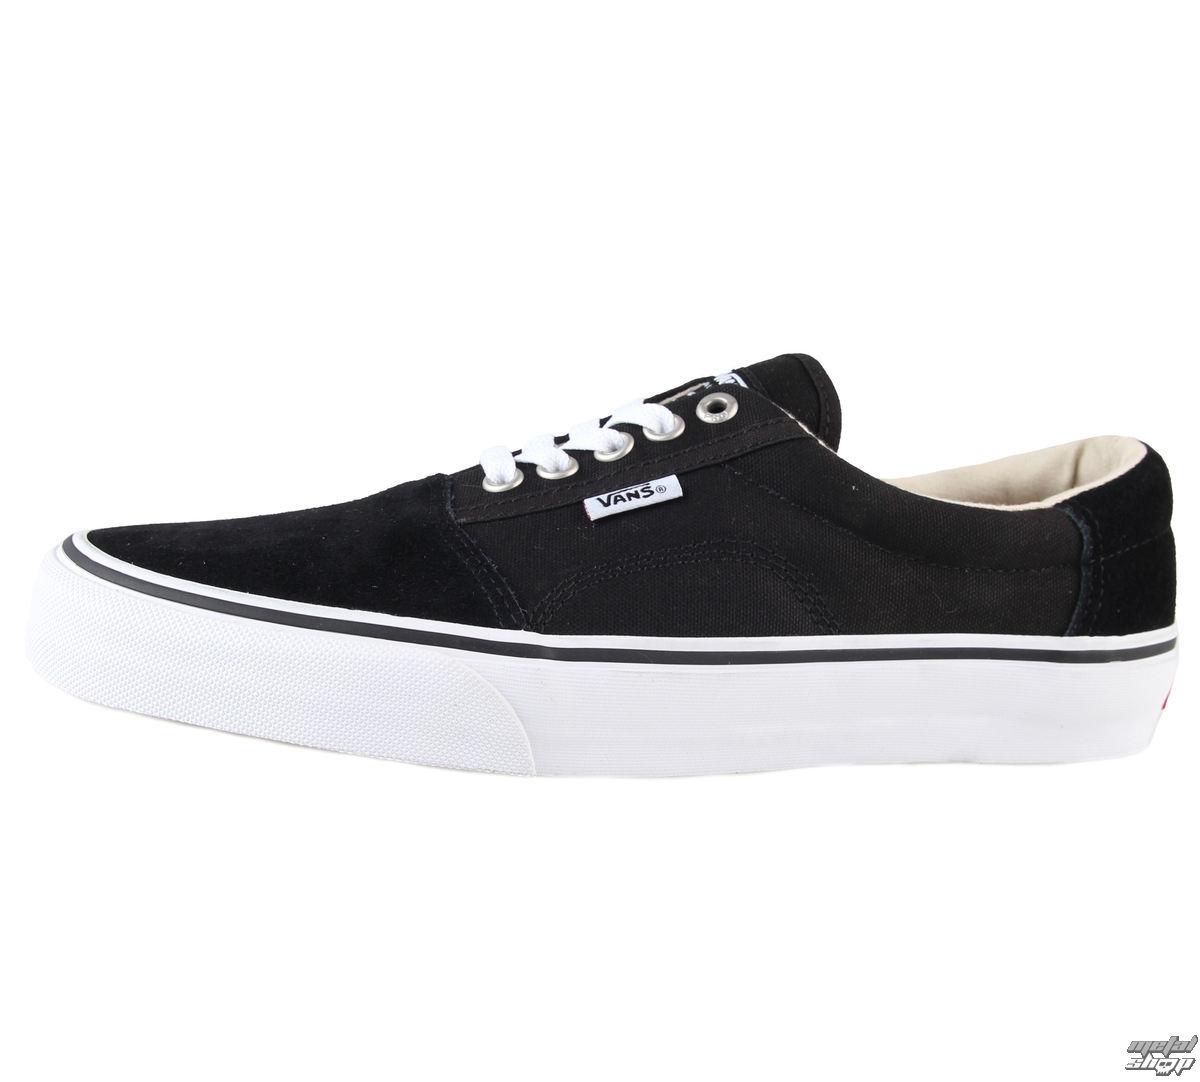 boty pánské VANS - Rowley - Solos - Black/White - V18KY28